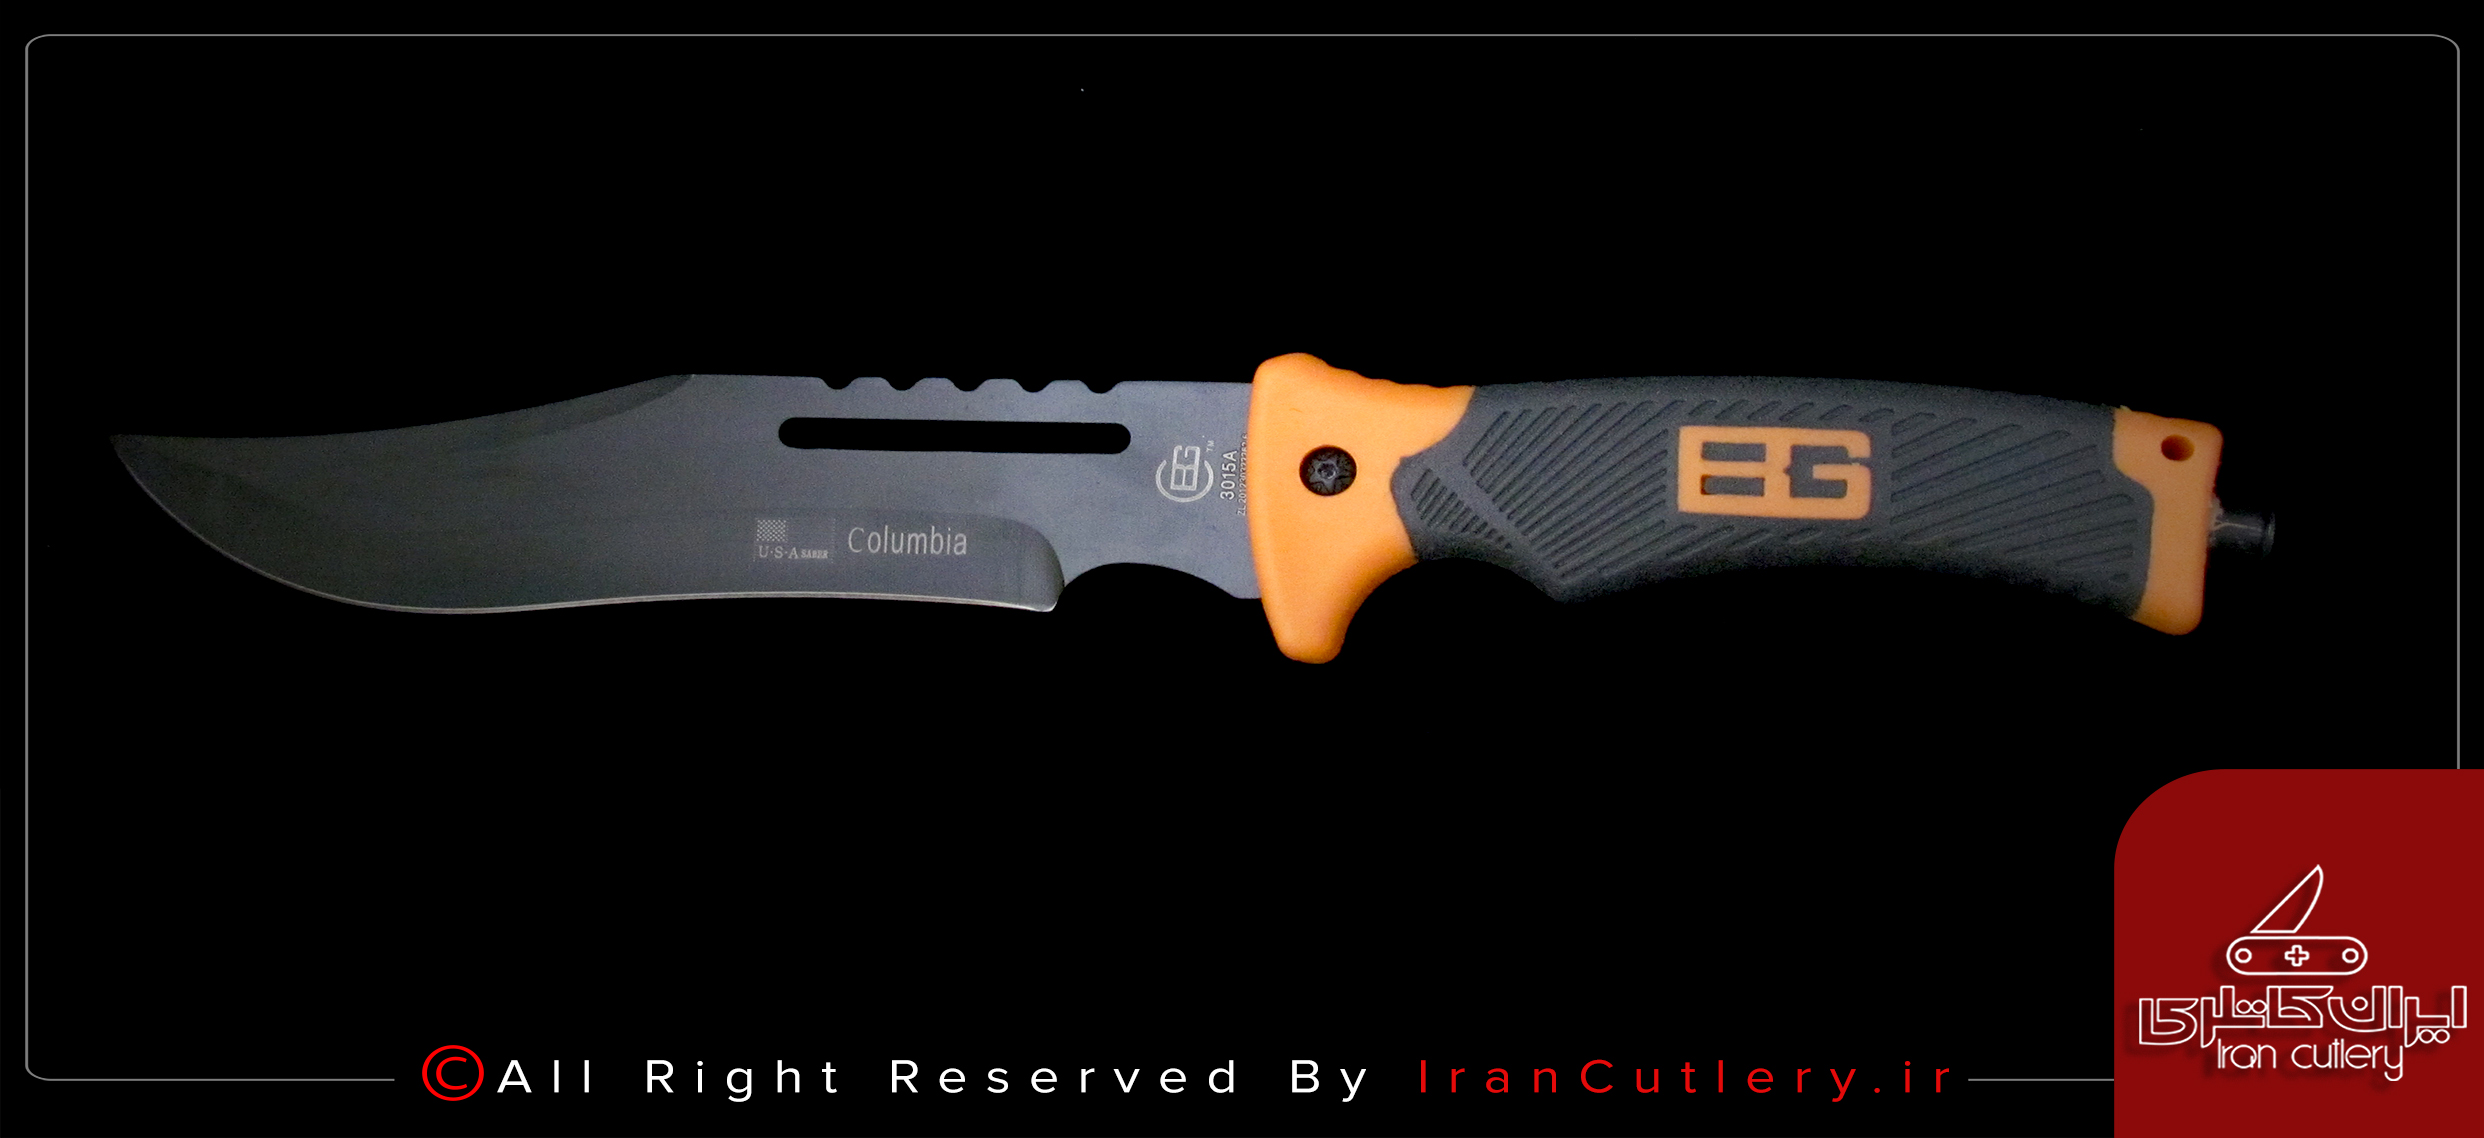 چاقوی گربر مدل 118